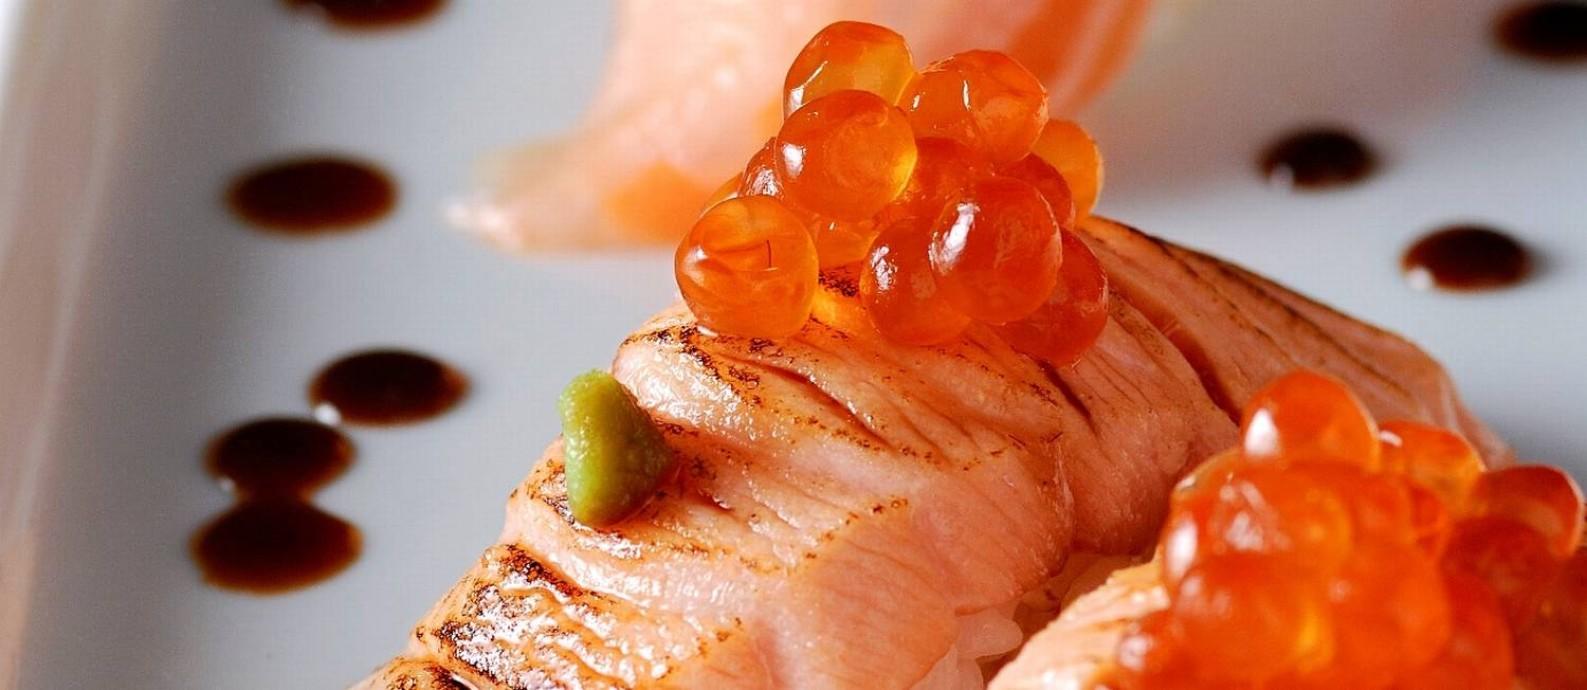 Sushi Ten: Menu quase igual ao do Ten Kai, com preços menores. Na foto, salmão brûlée Foto: Alexander Landau / Divulgação